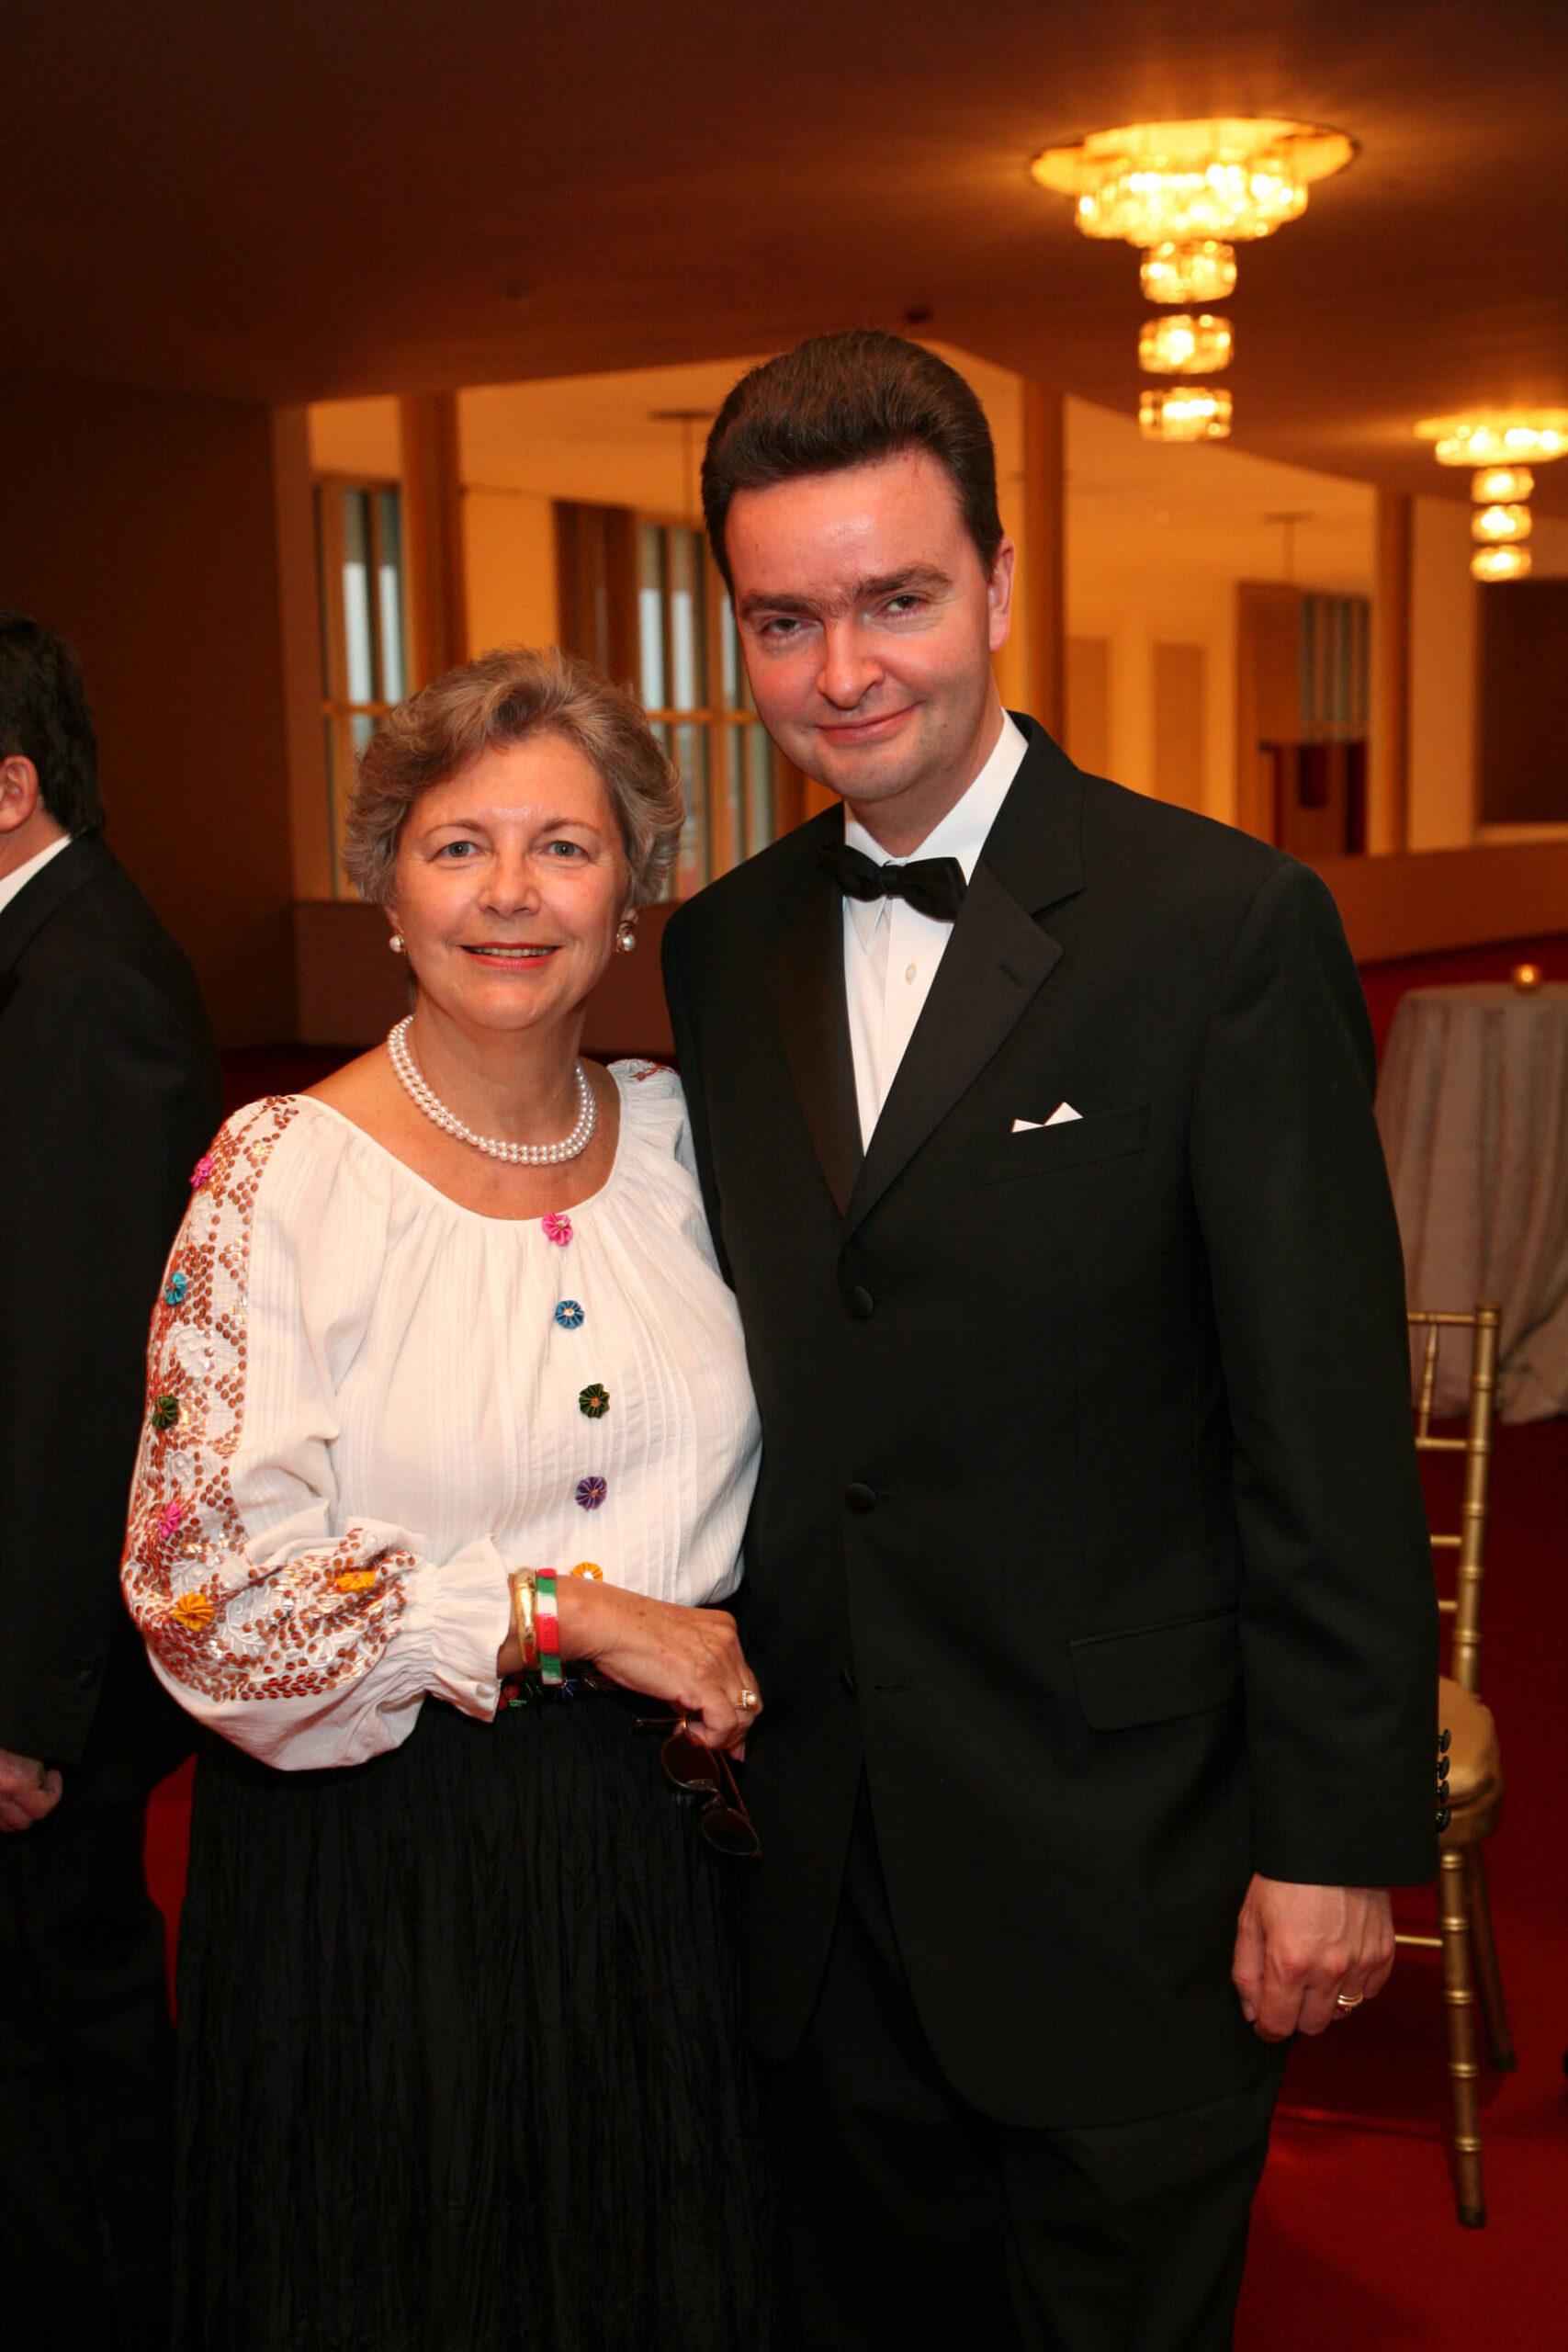 Mrs. Edith Lauer, Ambassador Georg von Habsburg